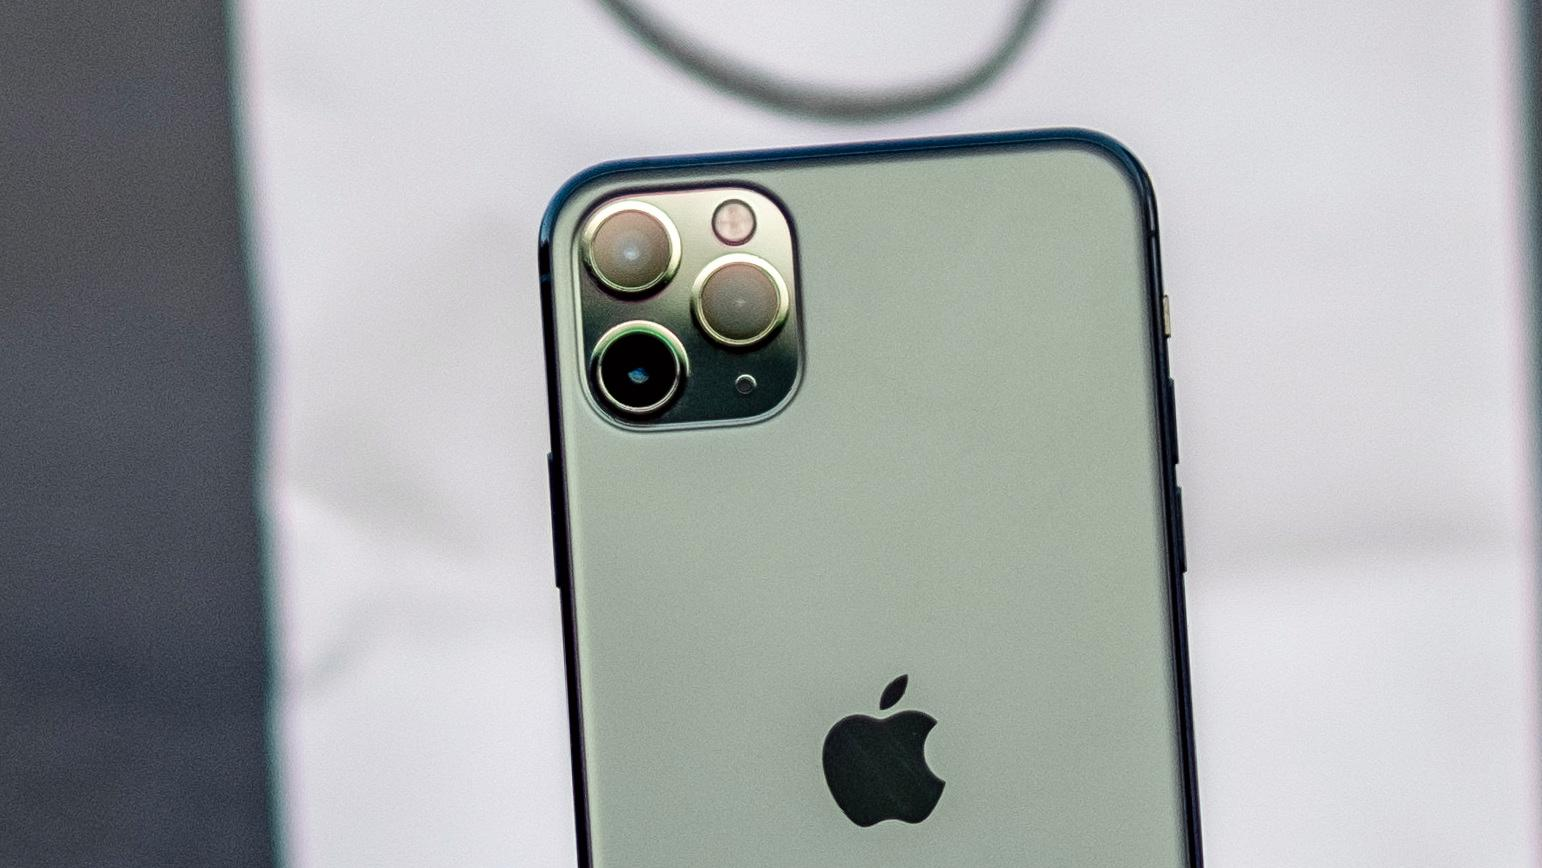 Oppfølgeren til iPhone 11 Pro Max (bildet) ryktes å få både større bildesensor og ny type bildestabilisering.